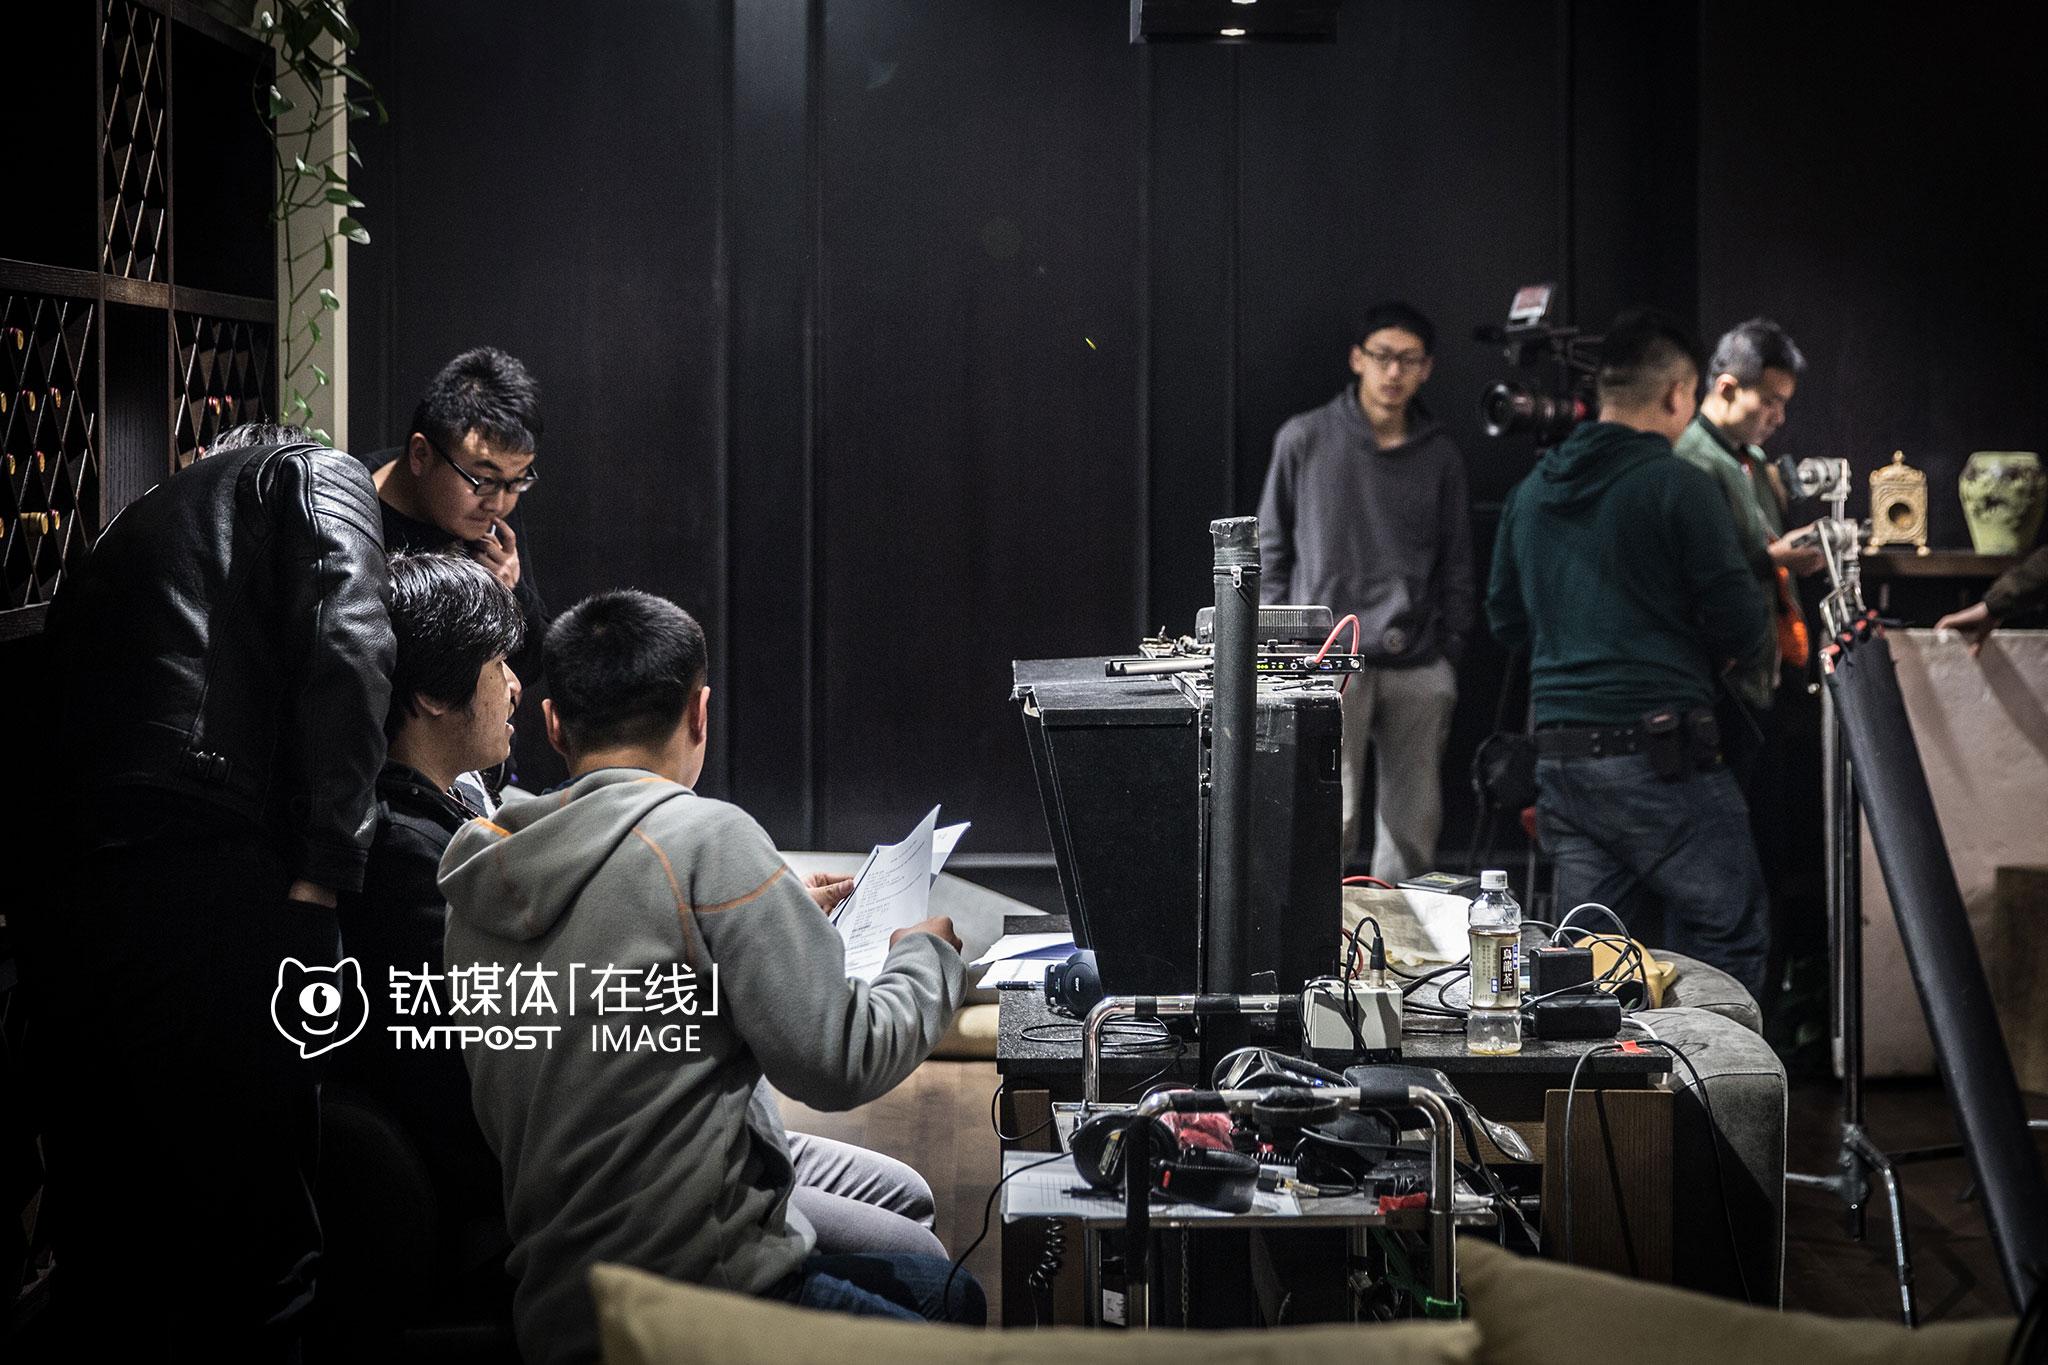 当天上午,第一场戏的拍摄在北京一家家居卖场进行。《报告老板》第二季剧组几乎全部由公司90后组成,这对他们来说也是一个学习和磨砺的过程。